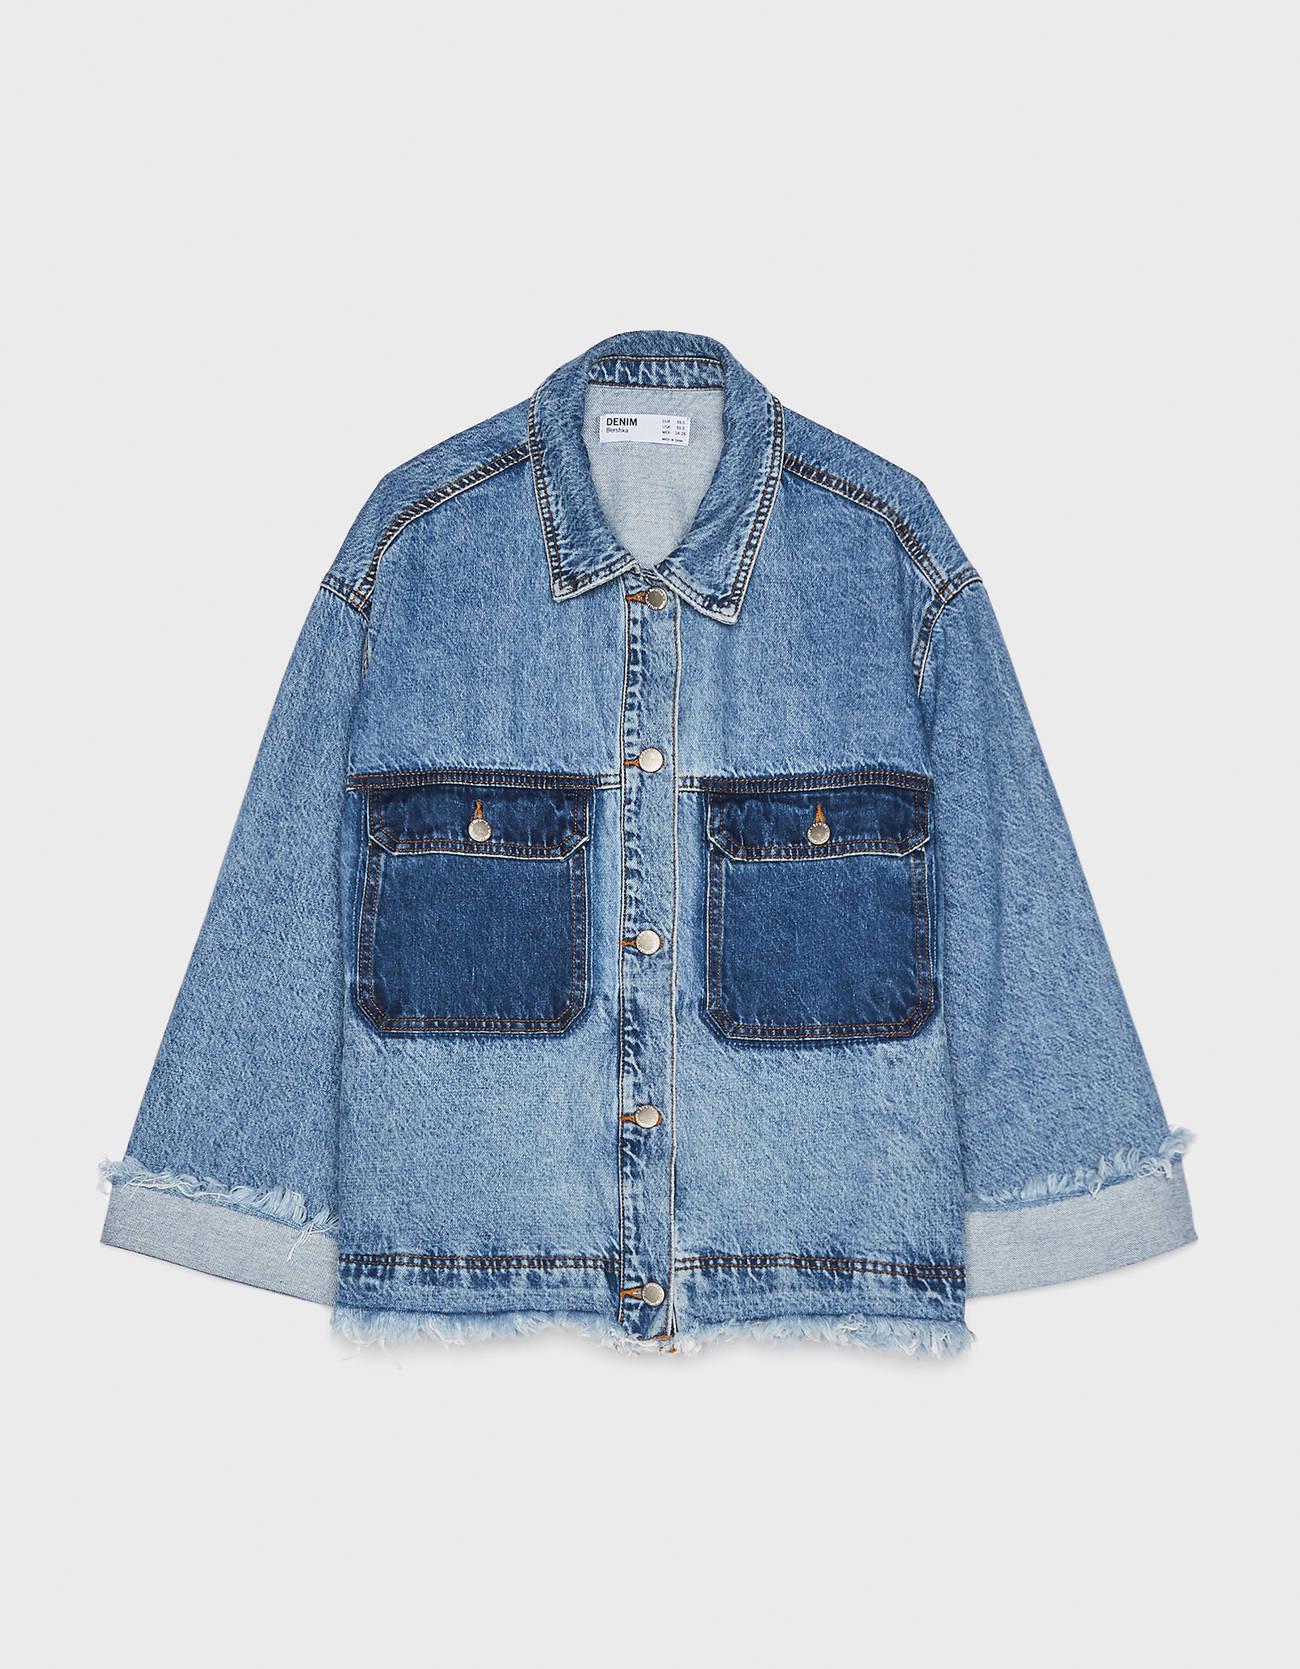 Джинсовая куртка Синий застиранный Bershka